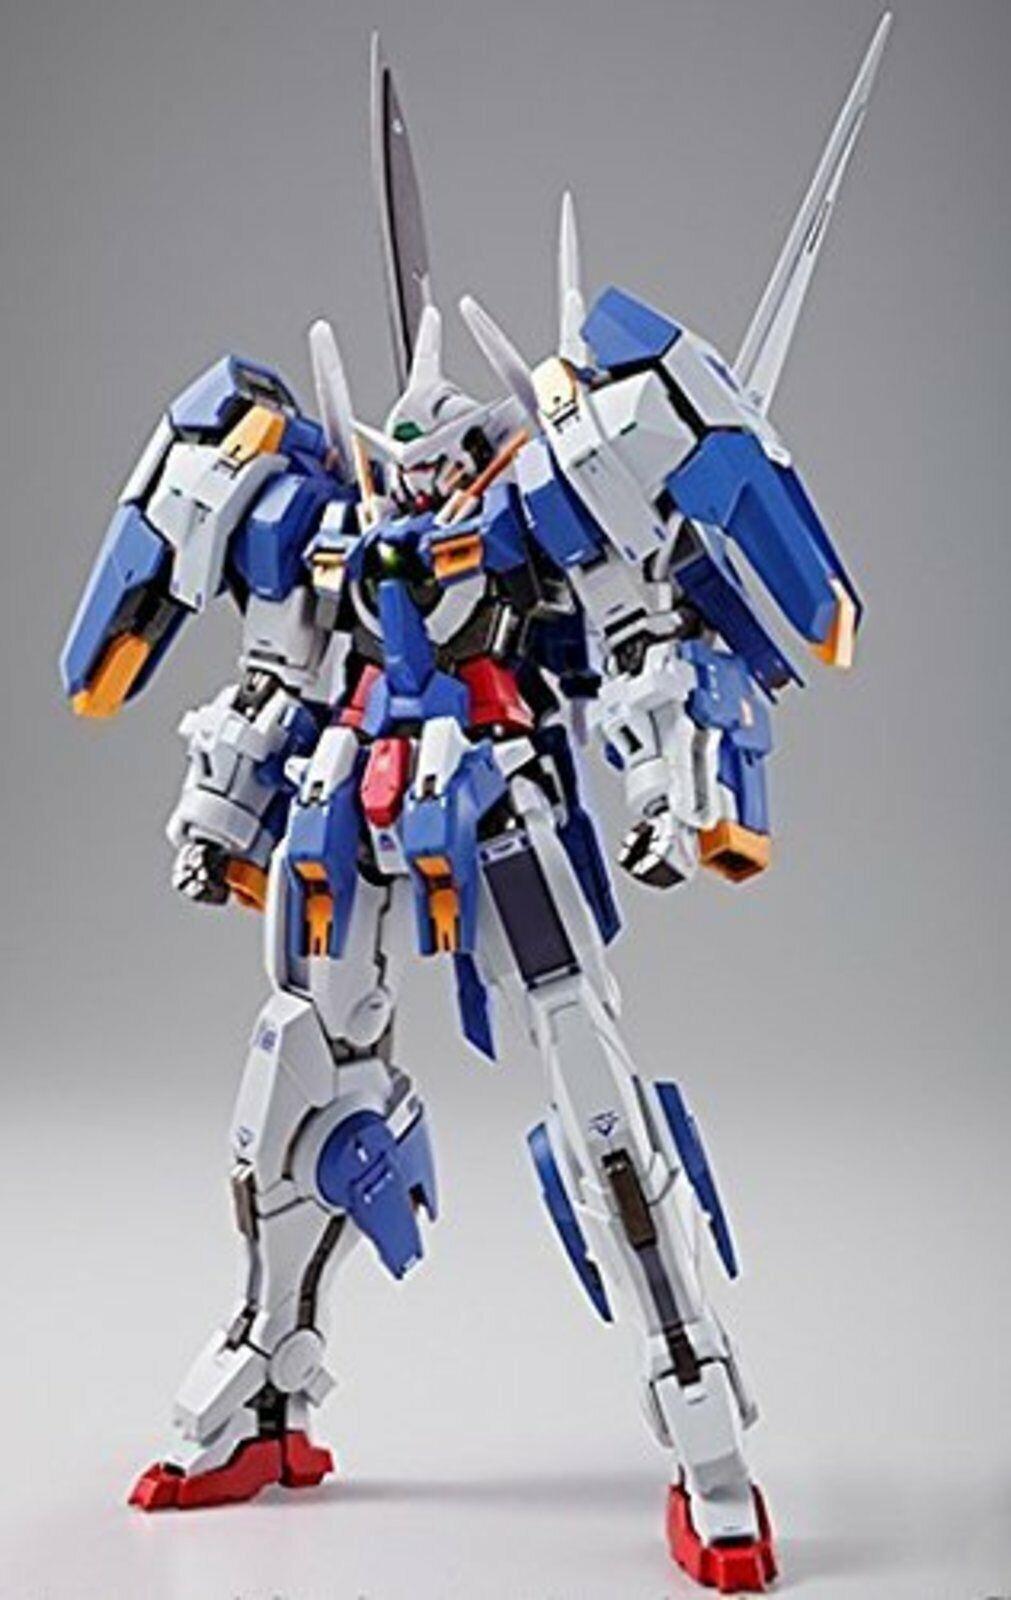 Metal Build Gundam 00V Gundam avalancha Exia Figura De Acción Bandai F S con nº de seguimiento